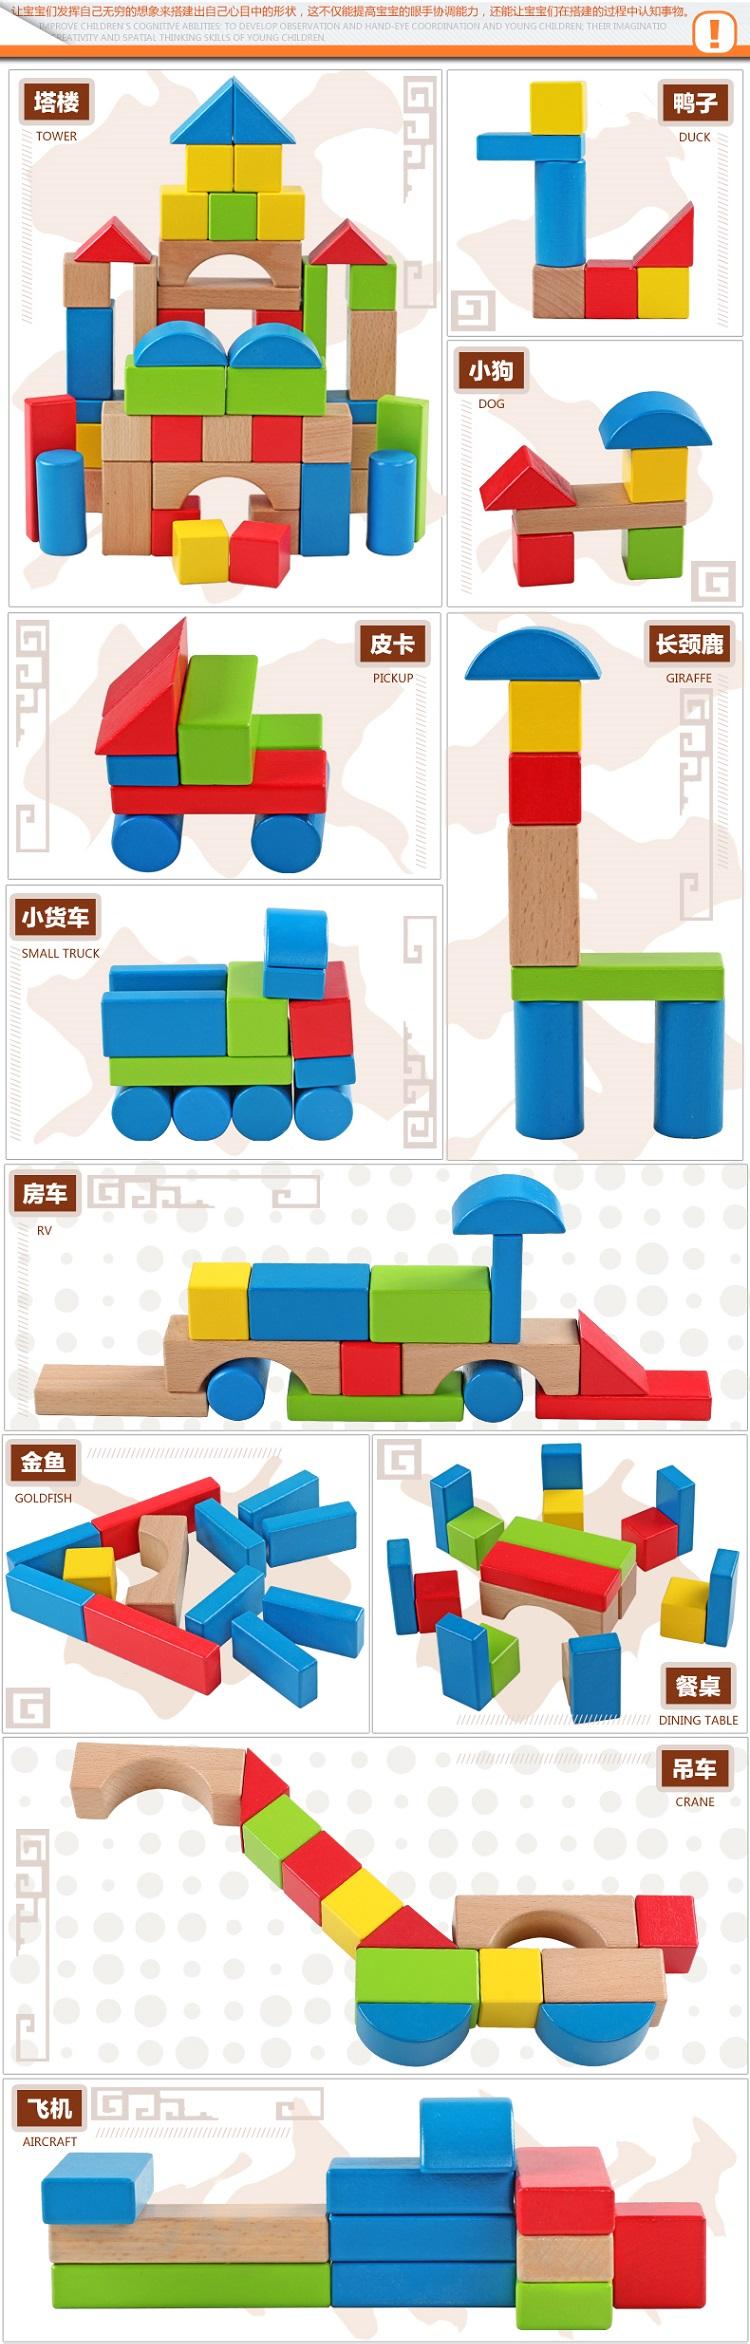 【qzm 巧之木 经典彩虹积木木制纸桶装儿童早教益智堆